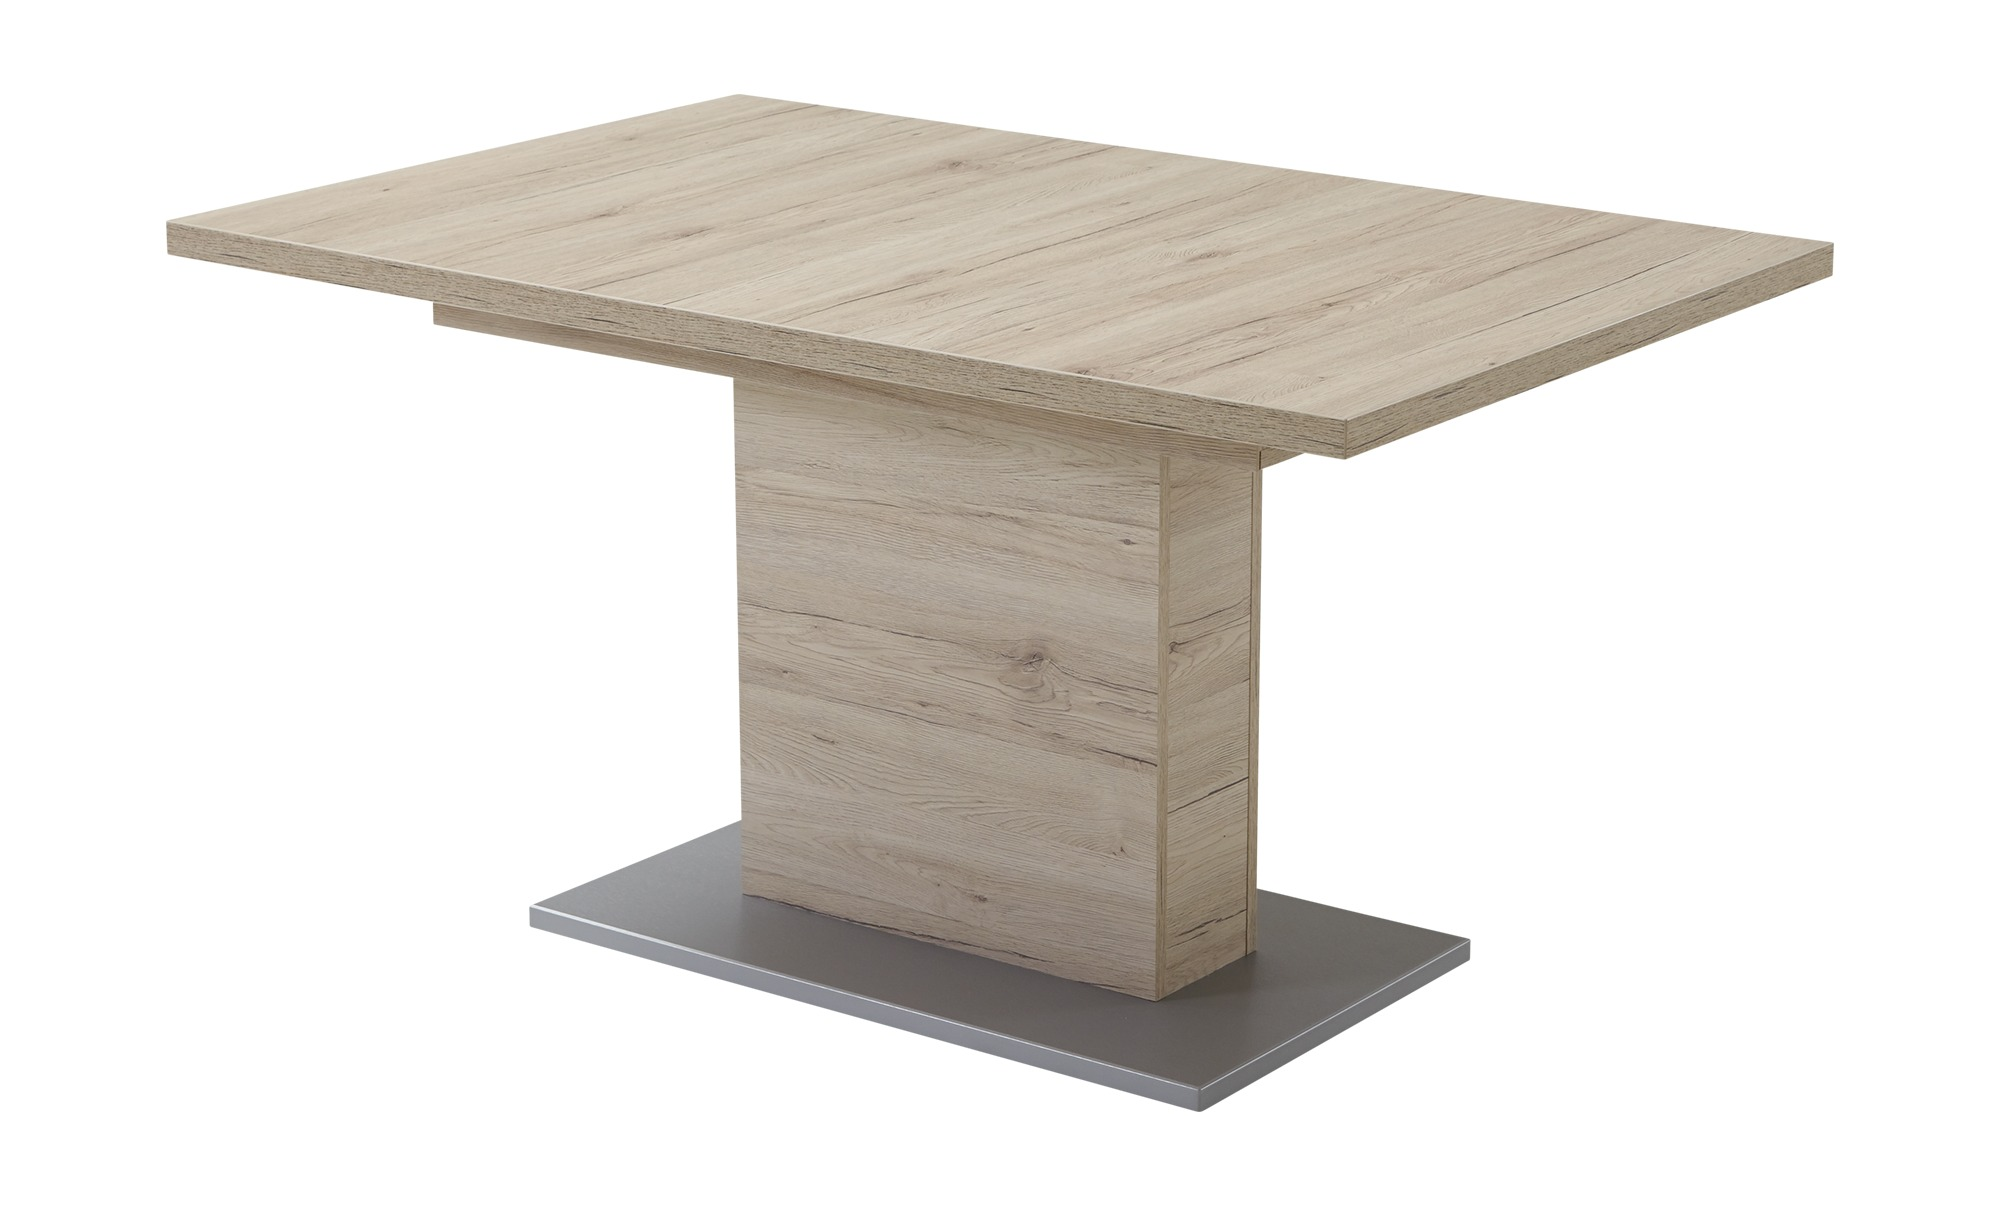 Esstisch Pia Jetzt Bestellen Unter Https Moebel Ladendirekt De Kueche Und Esszimmer Tische Esst Holztisch Esstisch Selber Bauen Esstisch Esstisch Ausziehbar